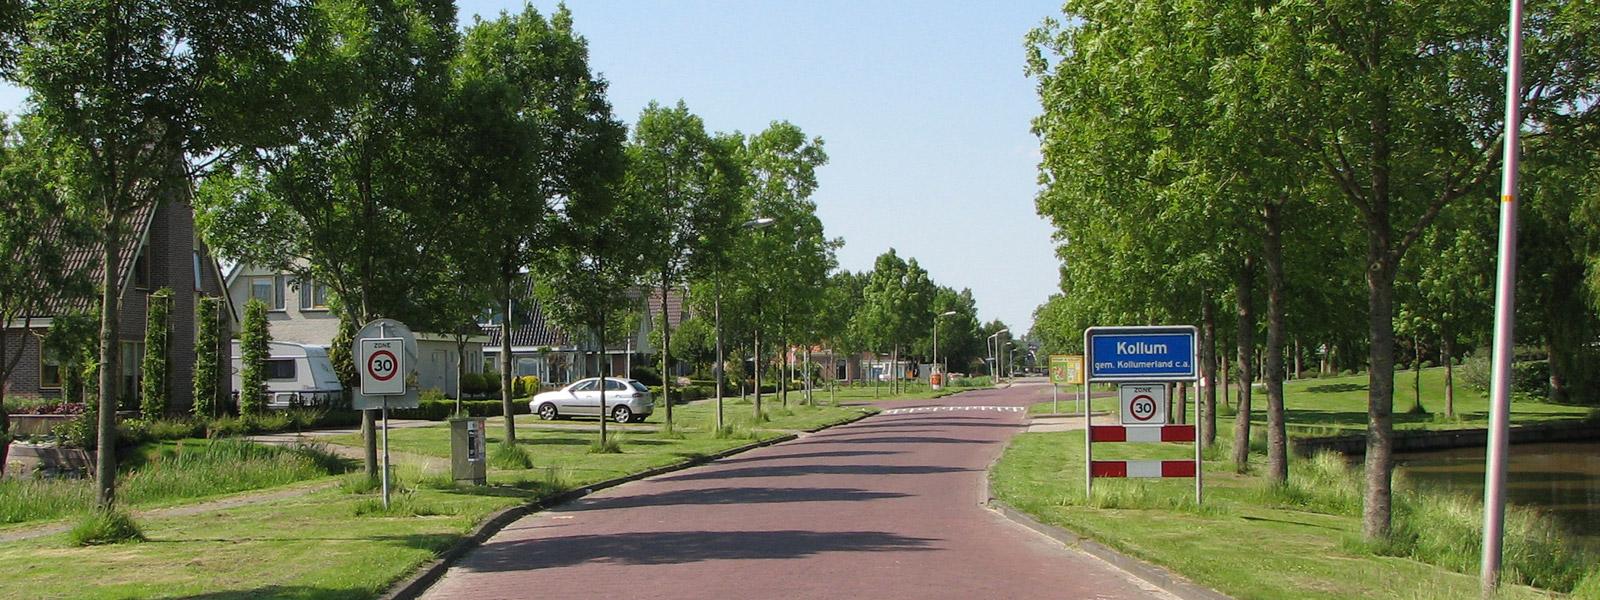 Kollum, het groene dorp